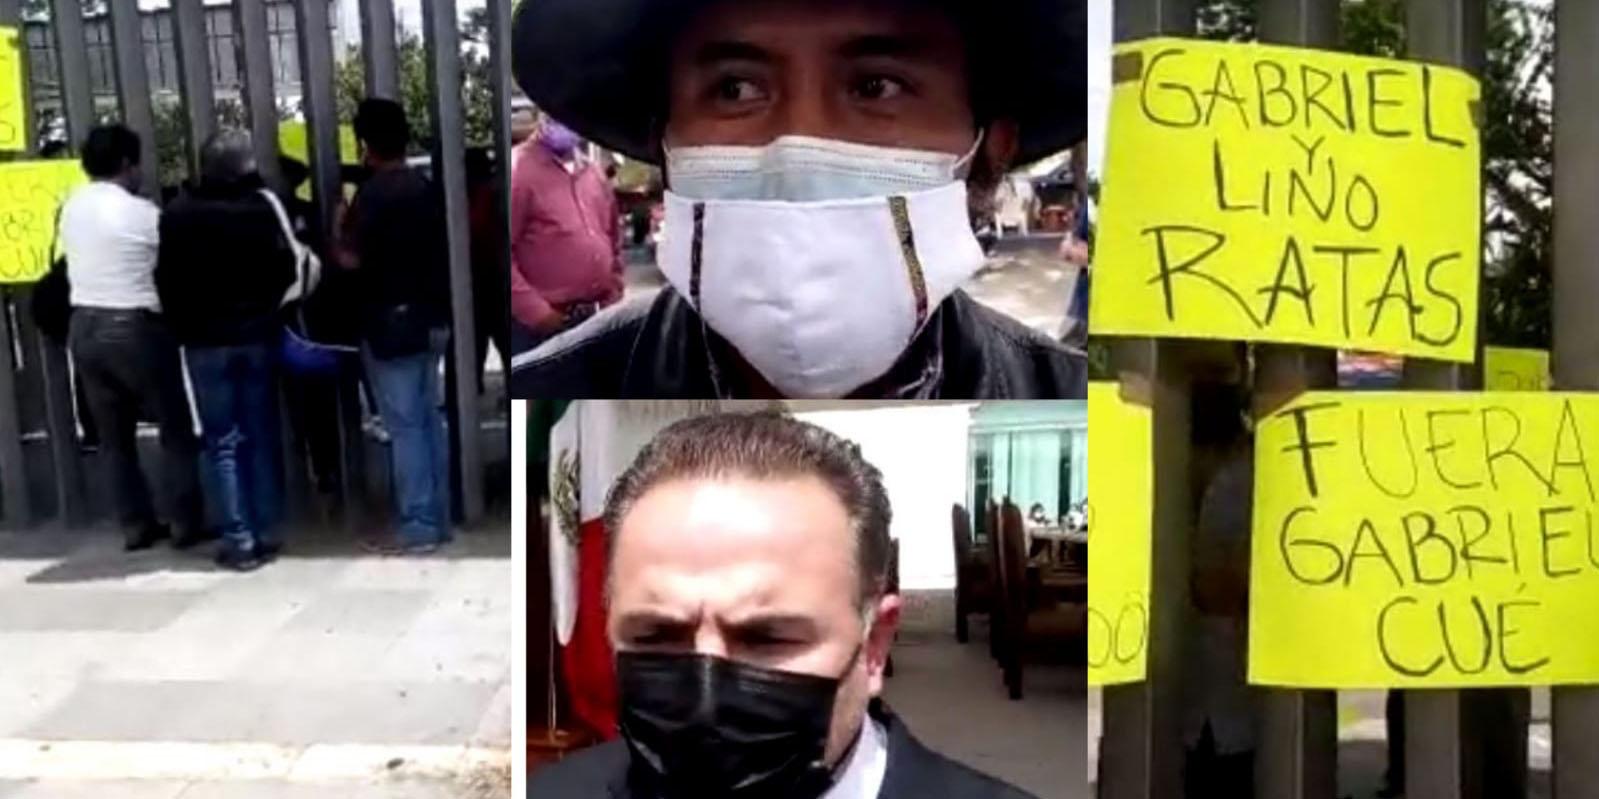 Diputados solapan corrupción, protestan campesinos en el congreso local   El Imparcial de Oaxaca